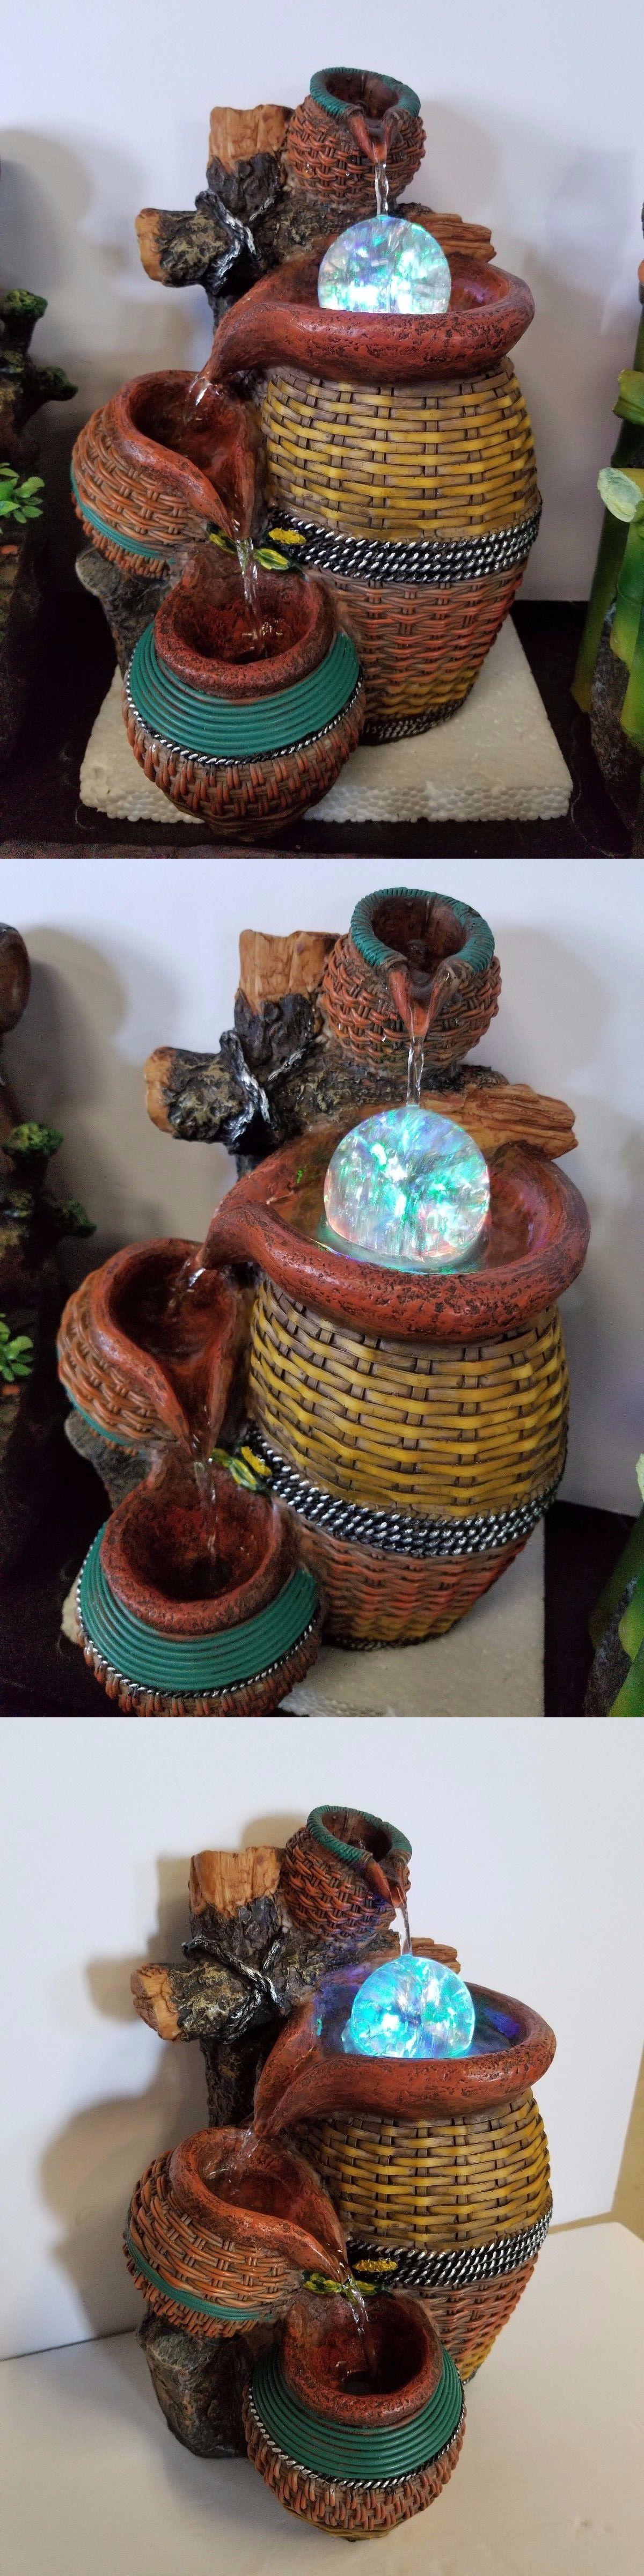 Indoor fountains 20569 indoor desktop led water fountain fountain indoor fountains 20569 indoor desktop led water fountain fountain buy it now only workwithnaturefo